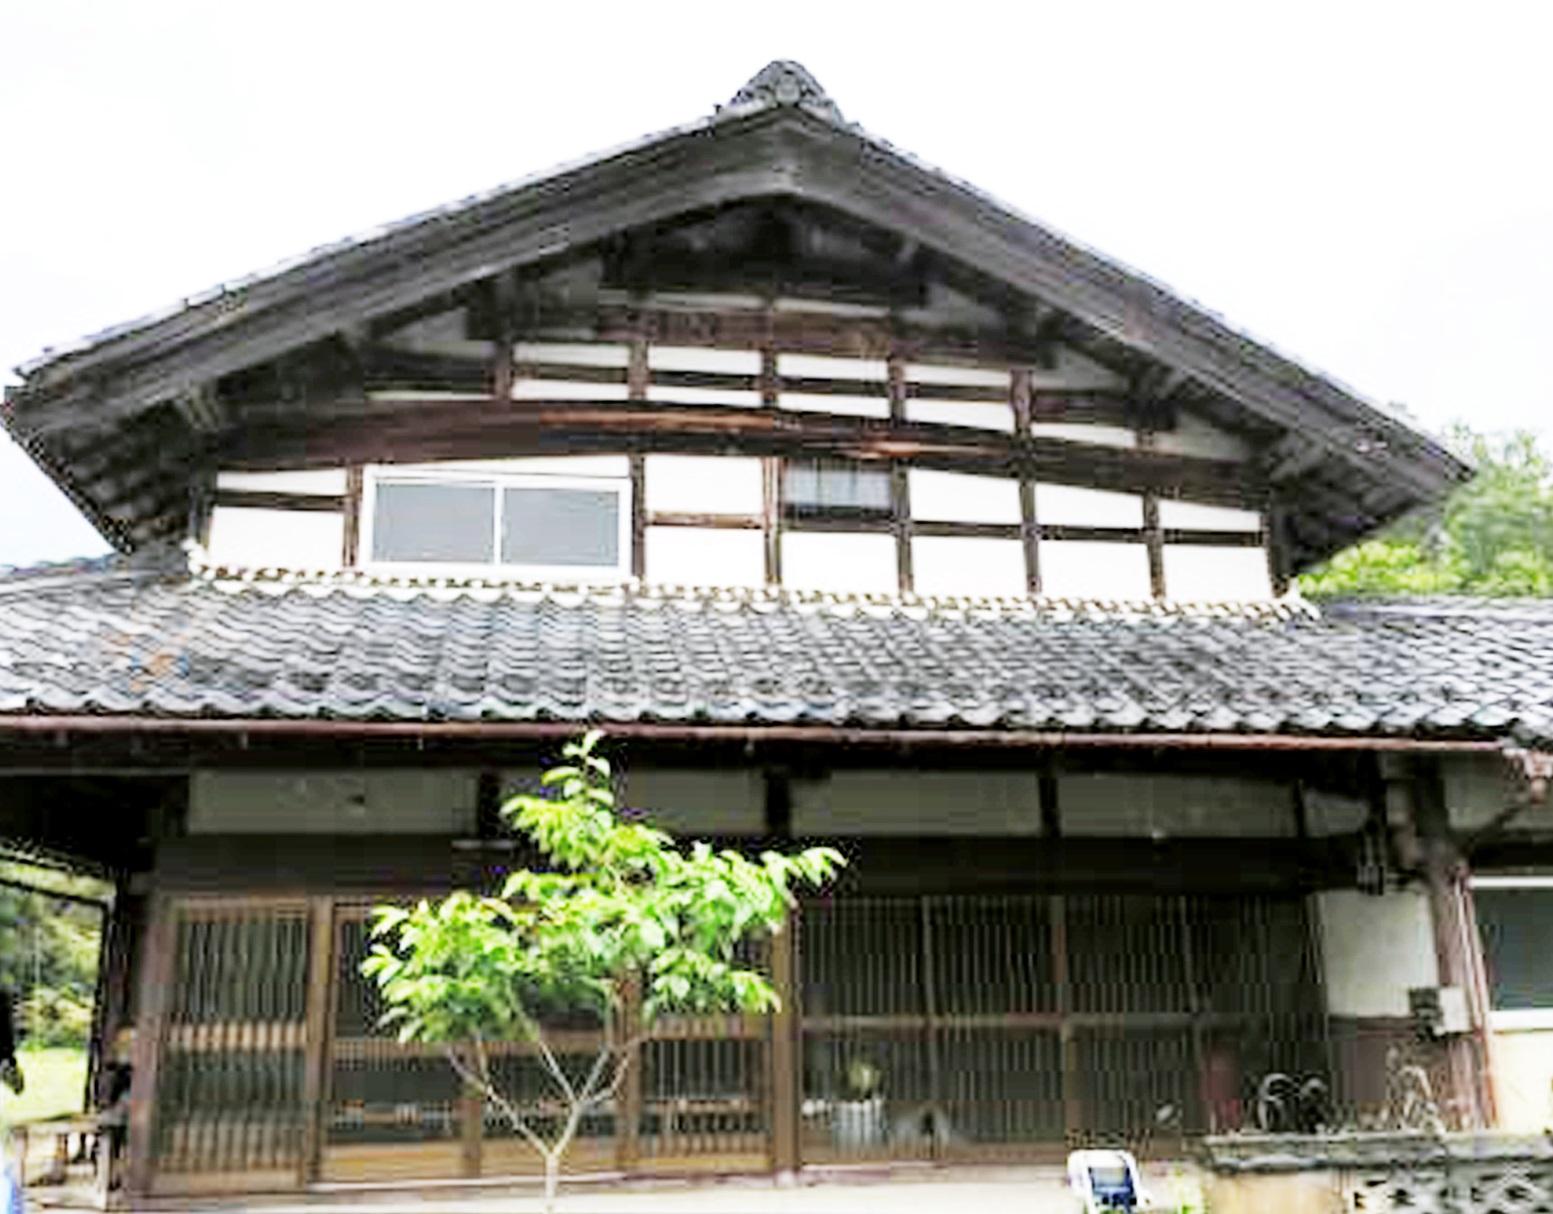 ツアーで回る売却物件の古民家=福井県小浜市中名田地区